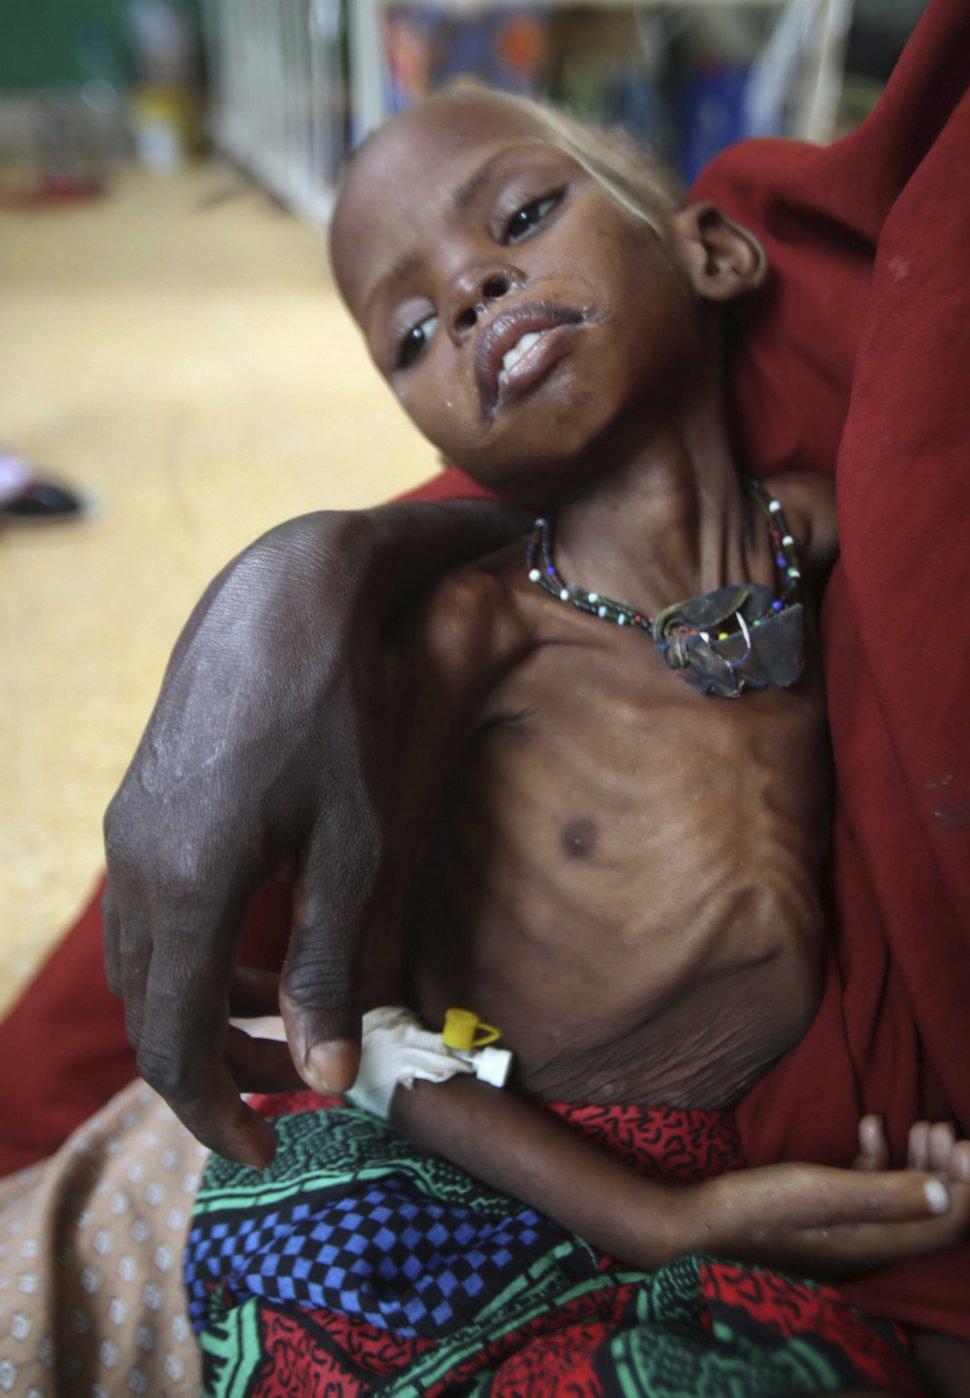 somalia-el-peor-rostro-los-ninos-son-los-que-mas-sufren-foto-reuters.jpg